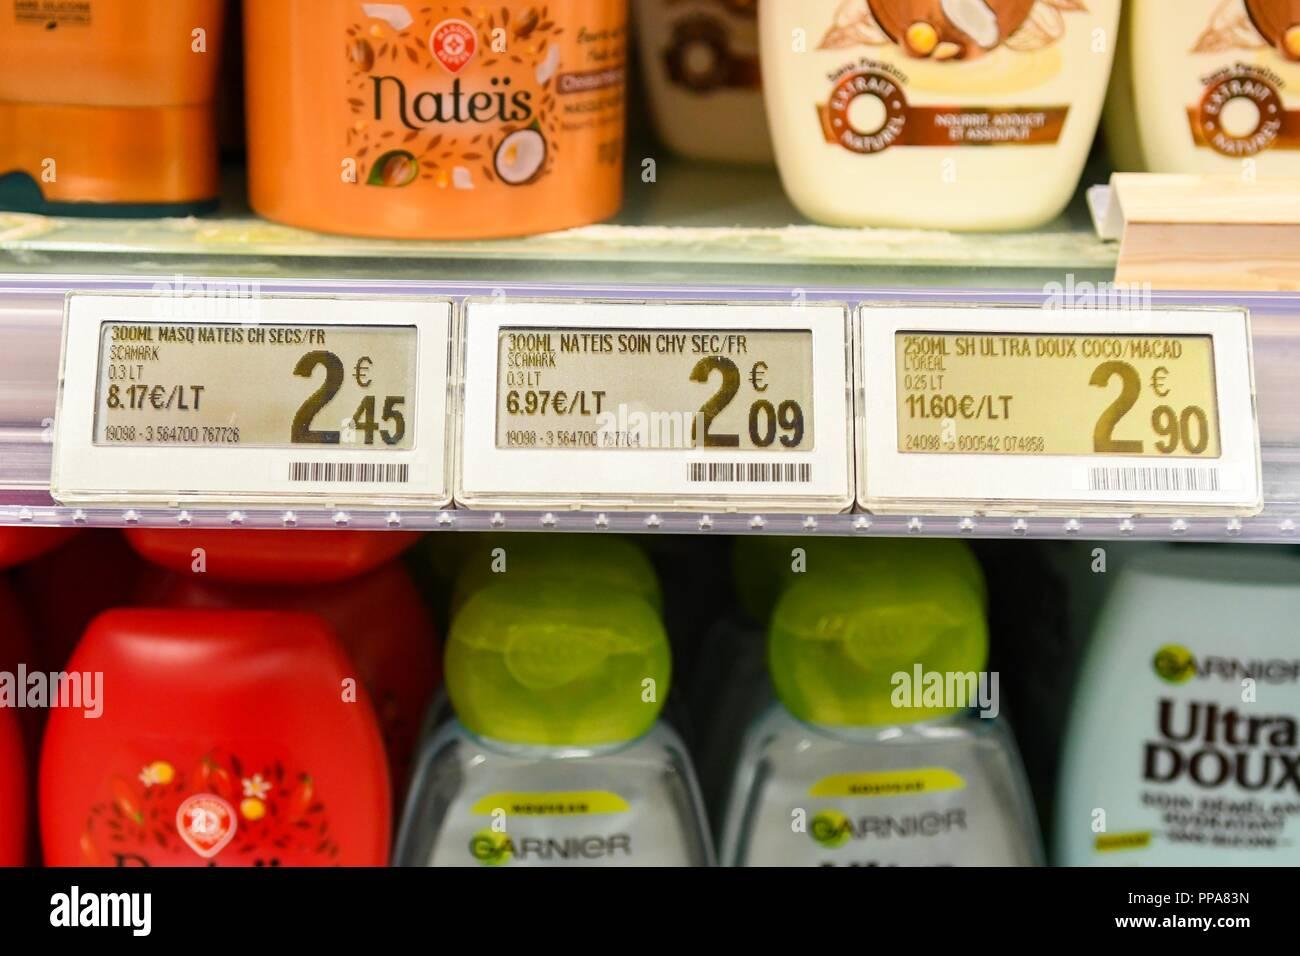 Electronic Shelf Labels on supermarket shelf, France - Stock Image